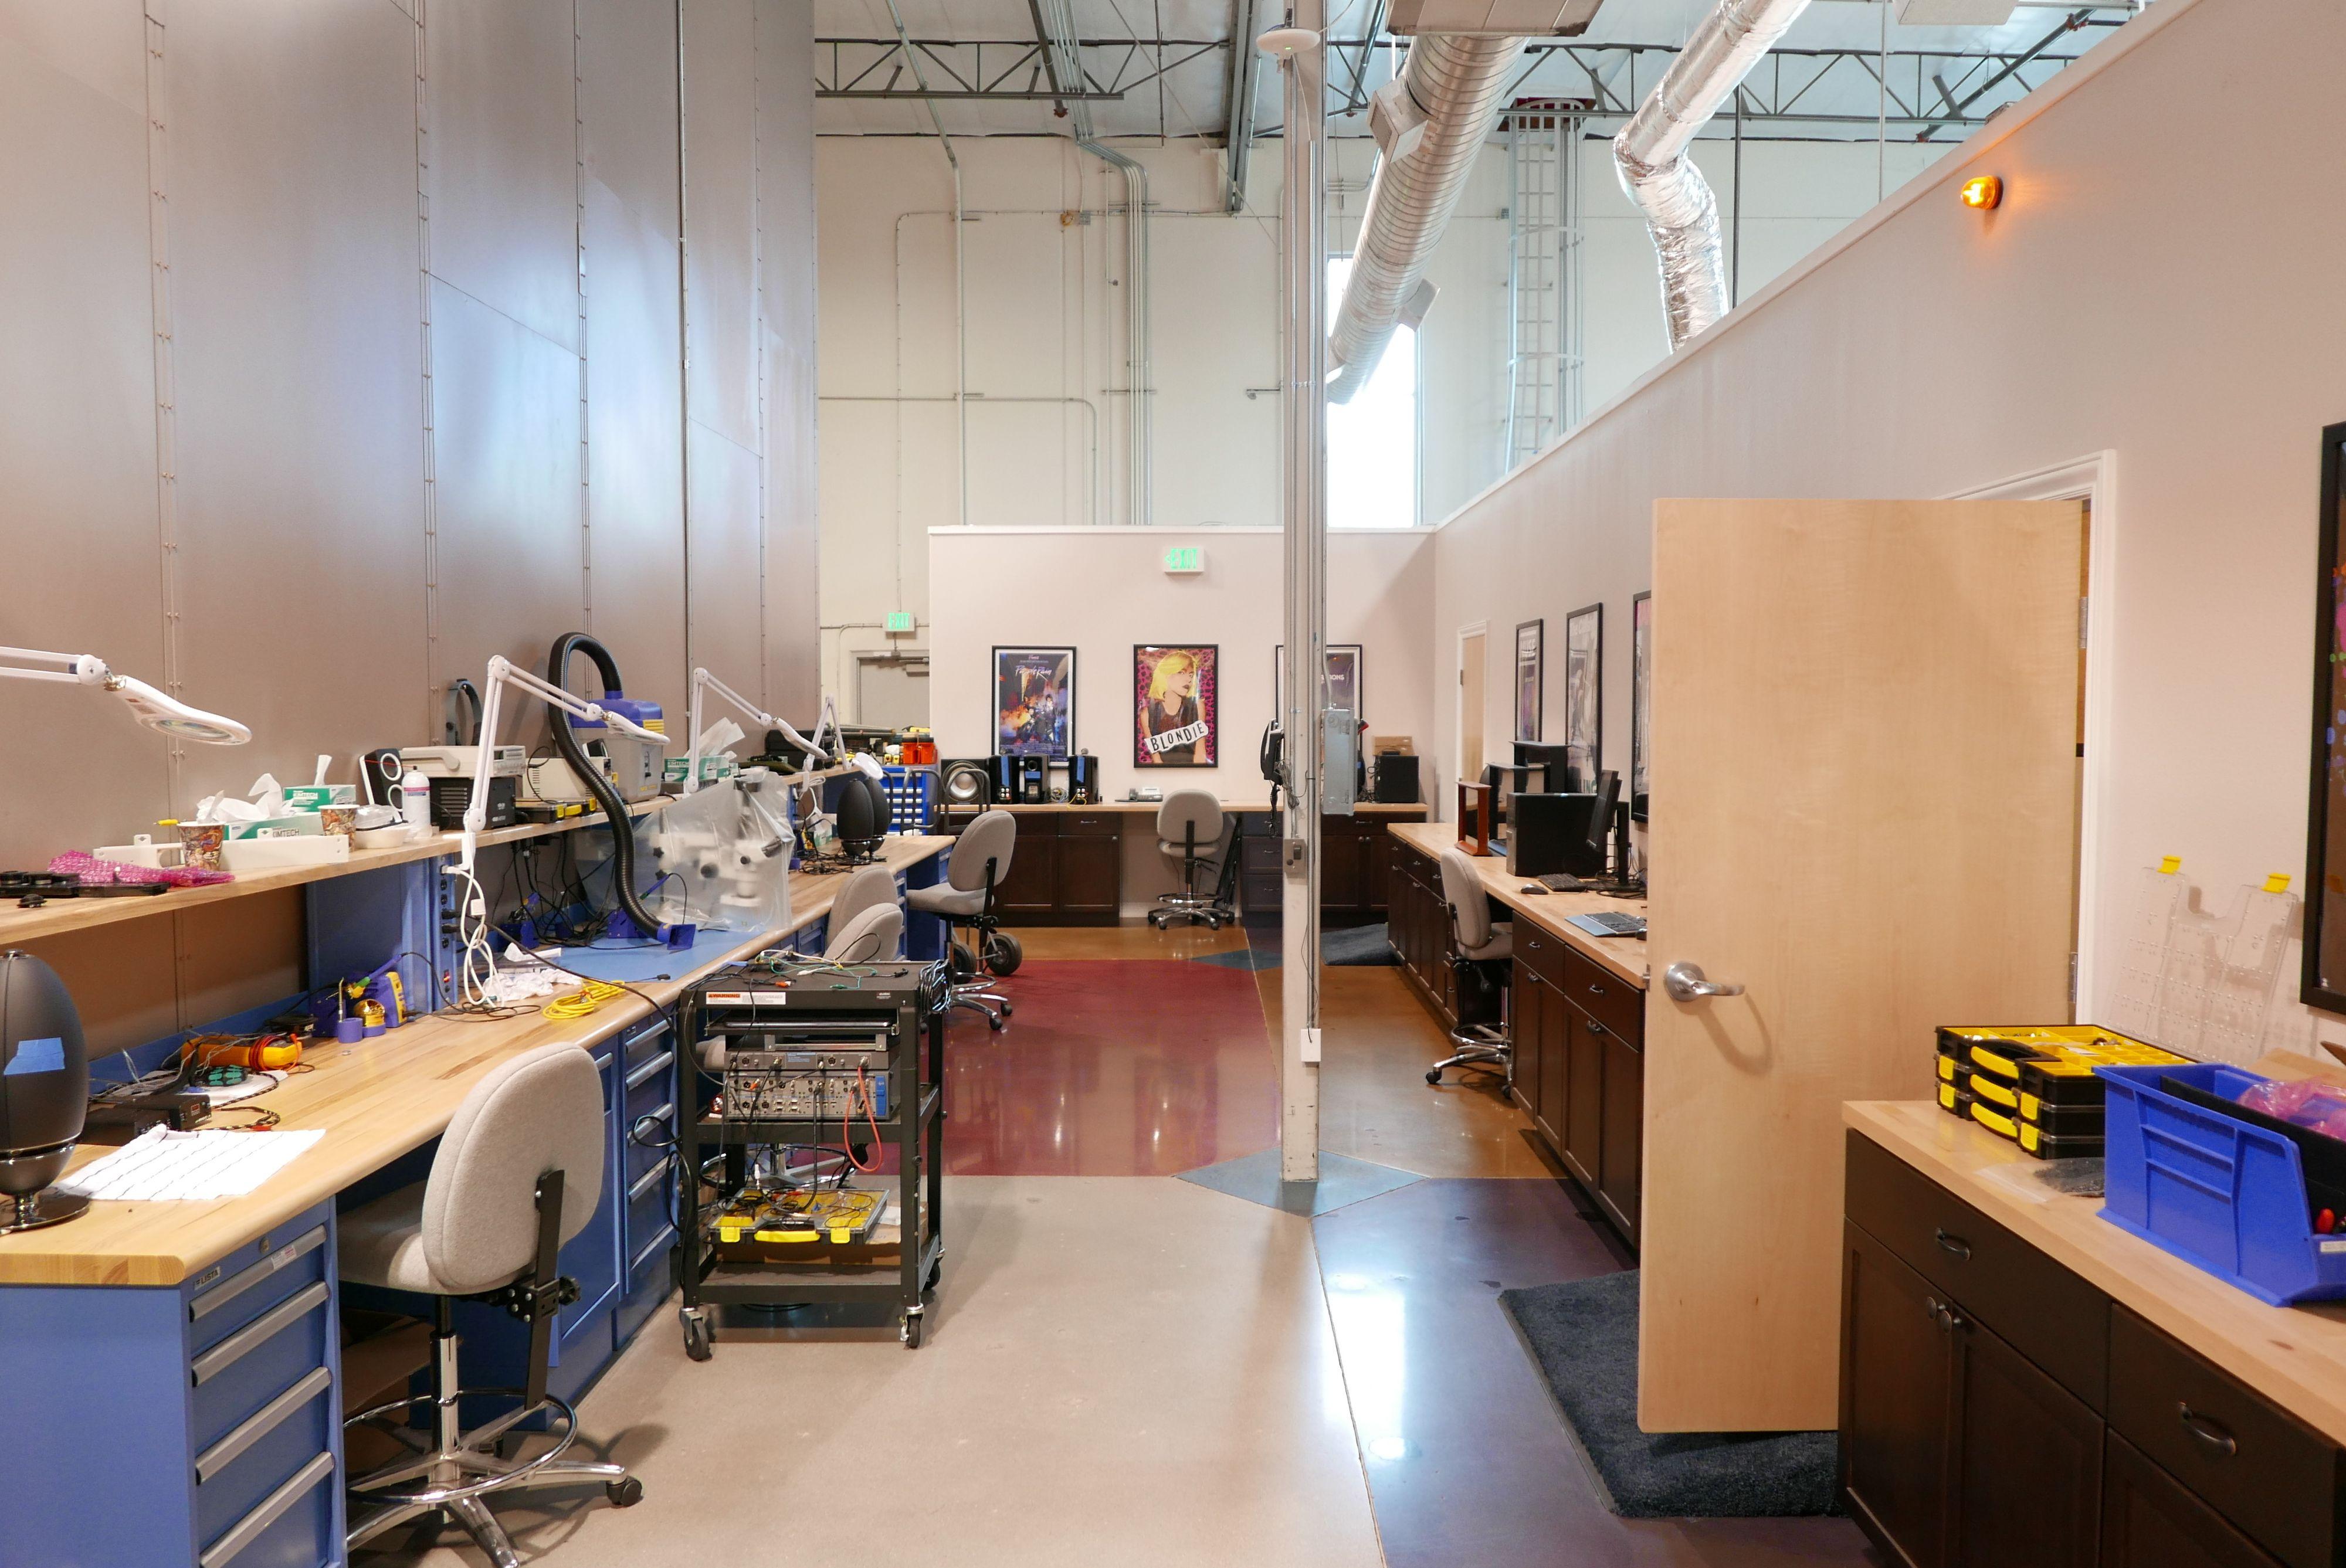 Inn i labben finner vi løse høyttalere og komponenter overalt. . Foto: Ole Henrik Johansen / Tek.no